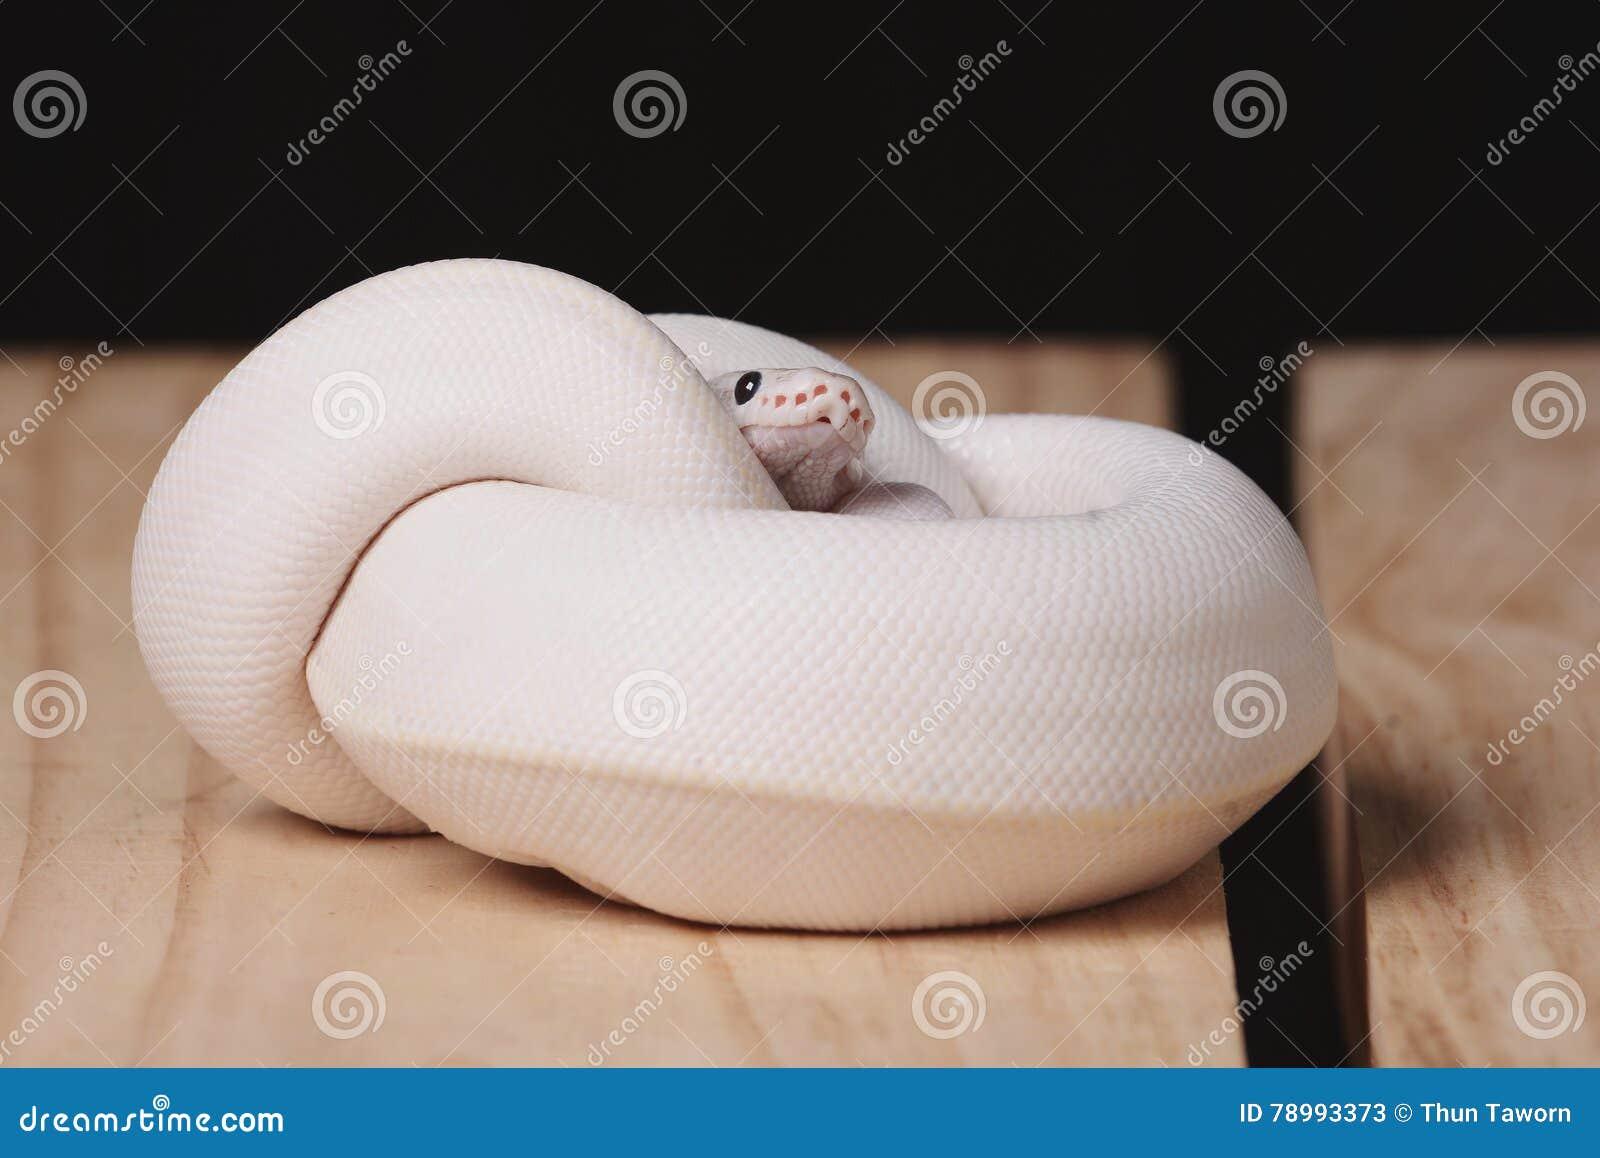 Serpiente Blanca Del Pitón De La Bola Imagen de archivo - Imagen de ...